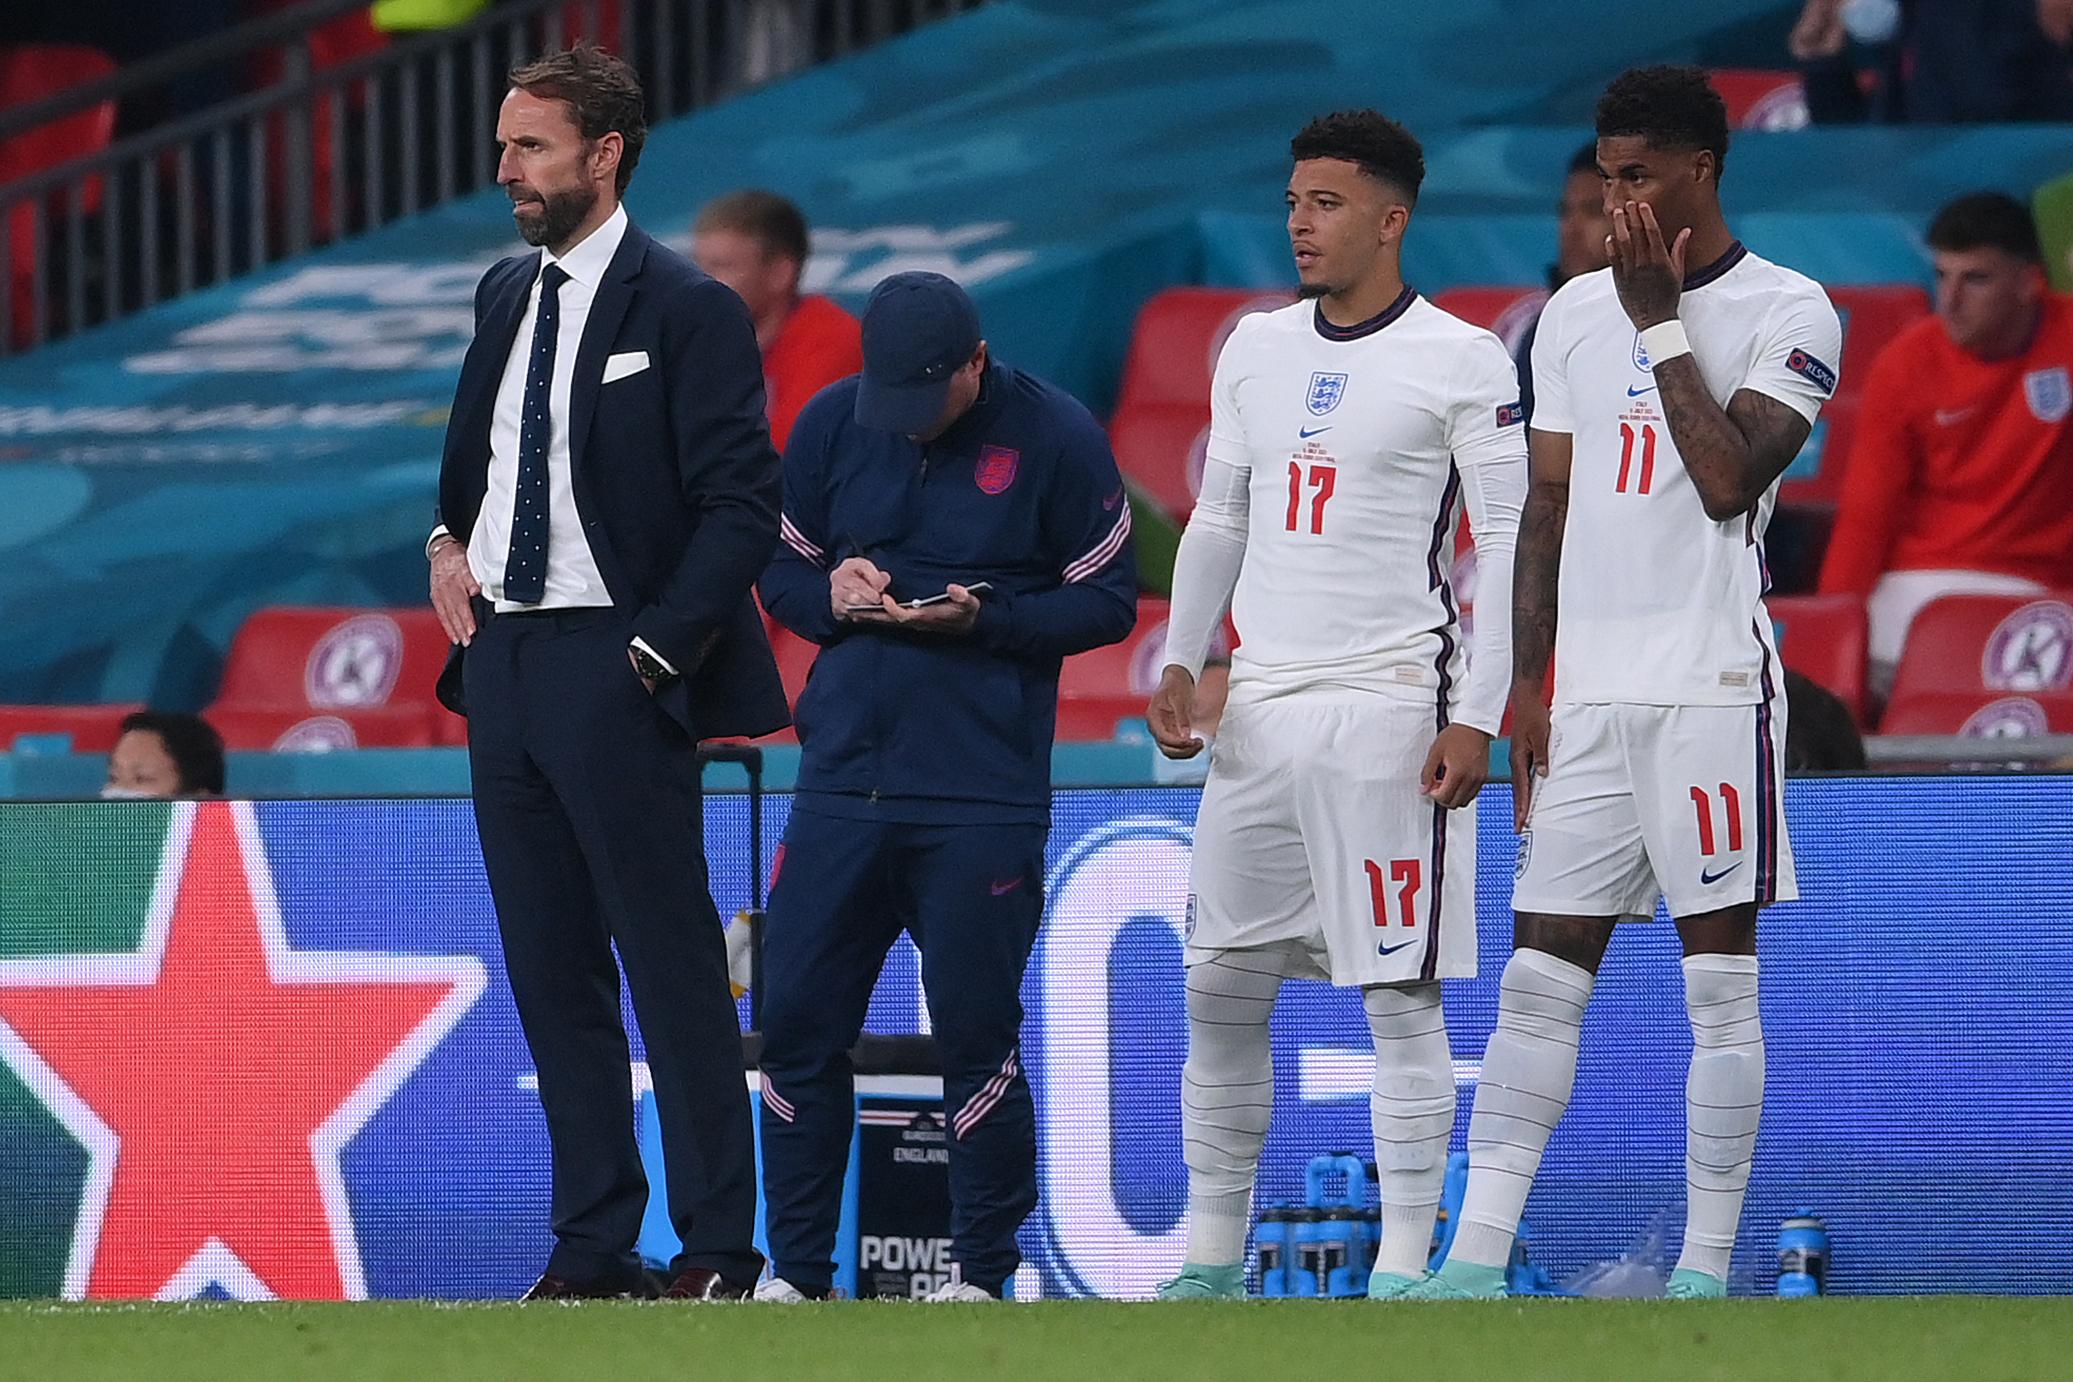 Öt embert vettek őrizetbe a tizenegyest hibázó játékosokat ért rasszista támadások miatt Angliában